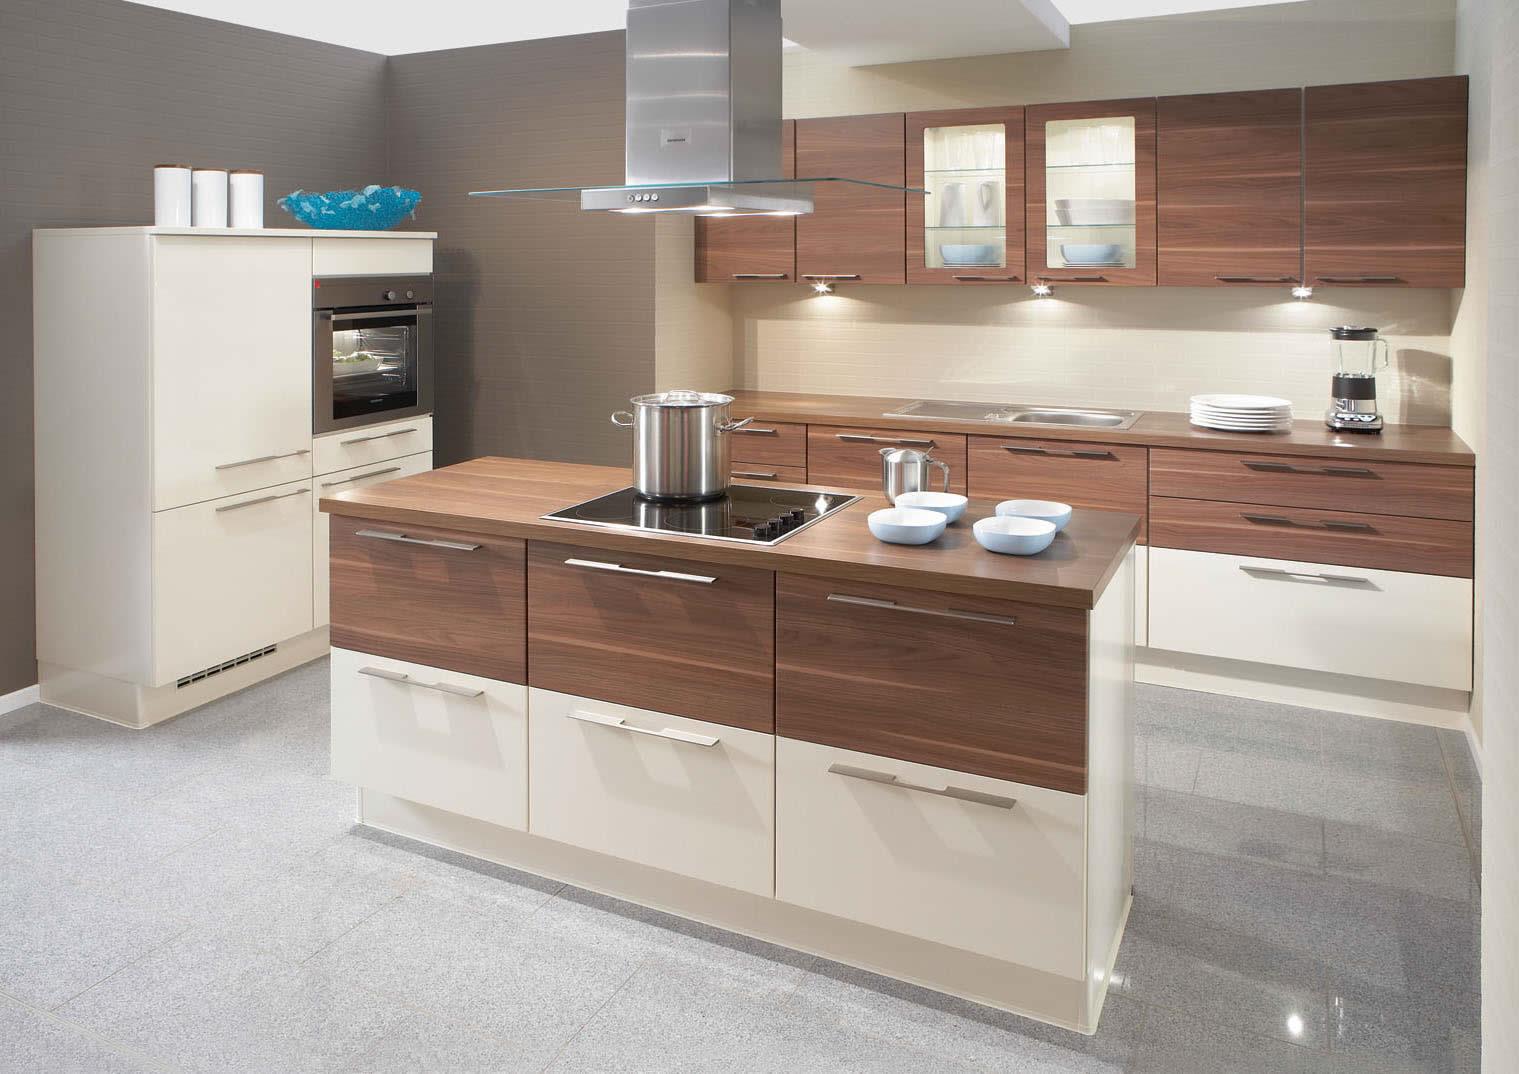 Deco Home Mutfak Dolabı Modern Kulpsuz Sade Parlak Beyaz Açık Meşe